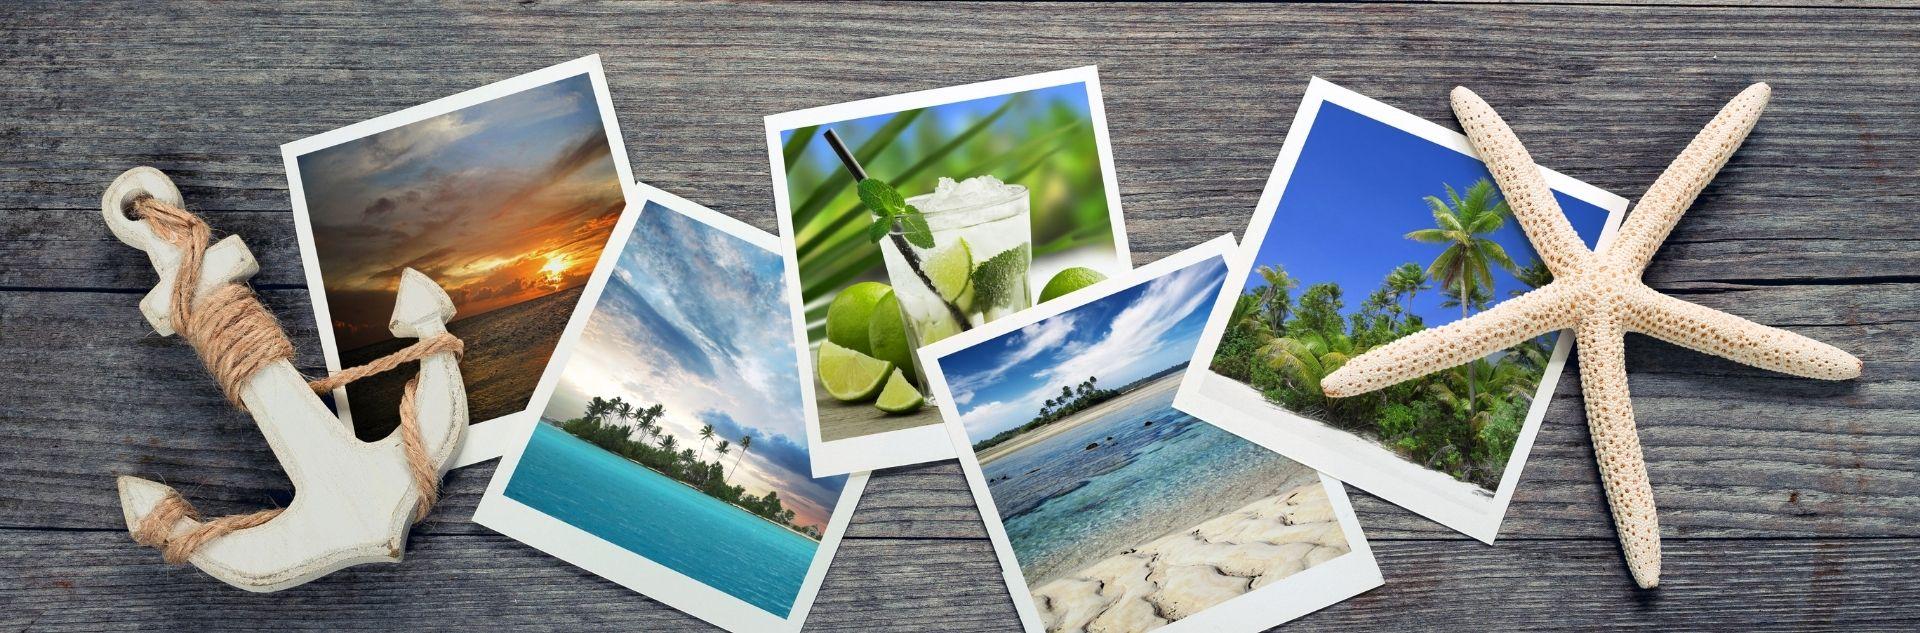 Anker Seestern Polaroid Bilder